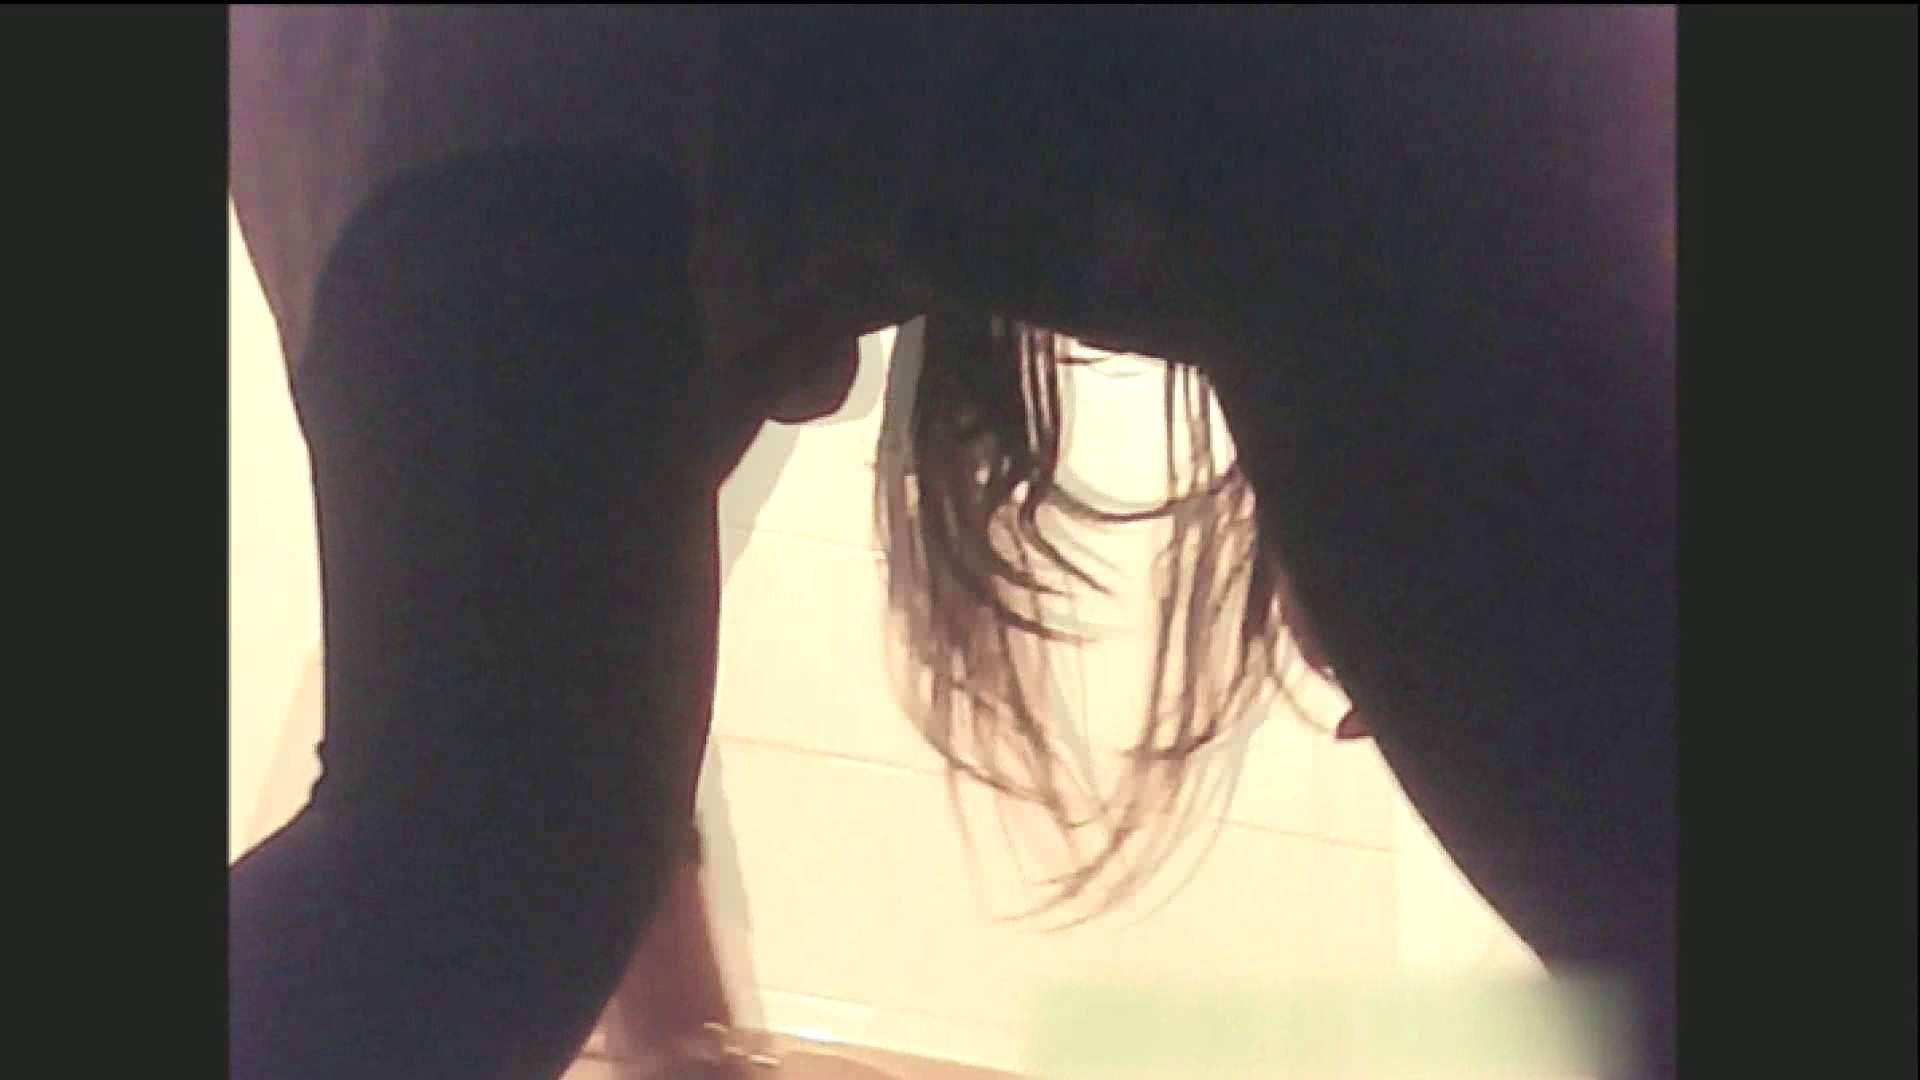 実録!!綺麗なお姉さんのトイレ事情・・・。vol.10 お姉さんのヌード オメコ無修正動画無料 92画像 2